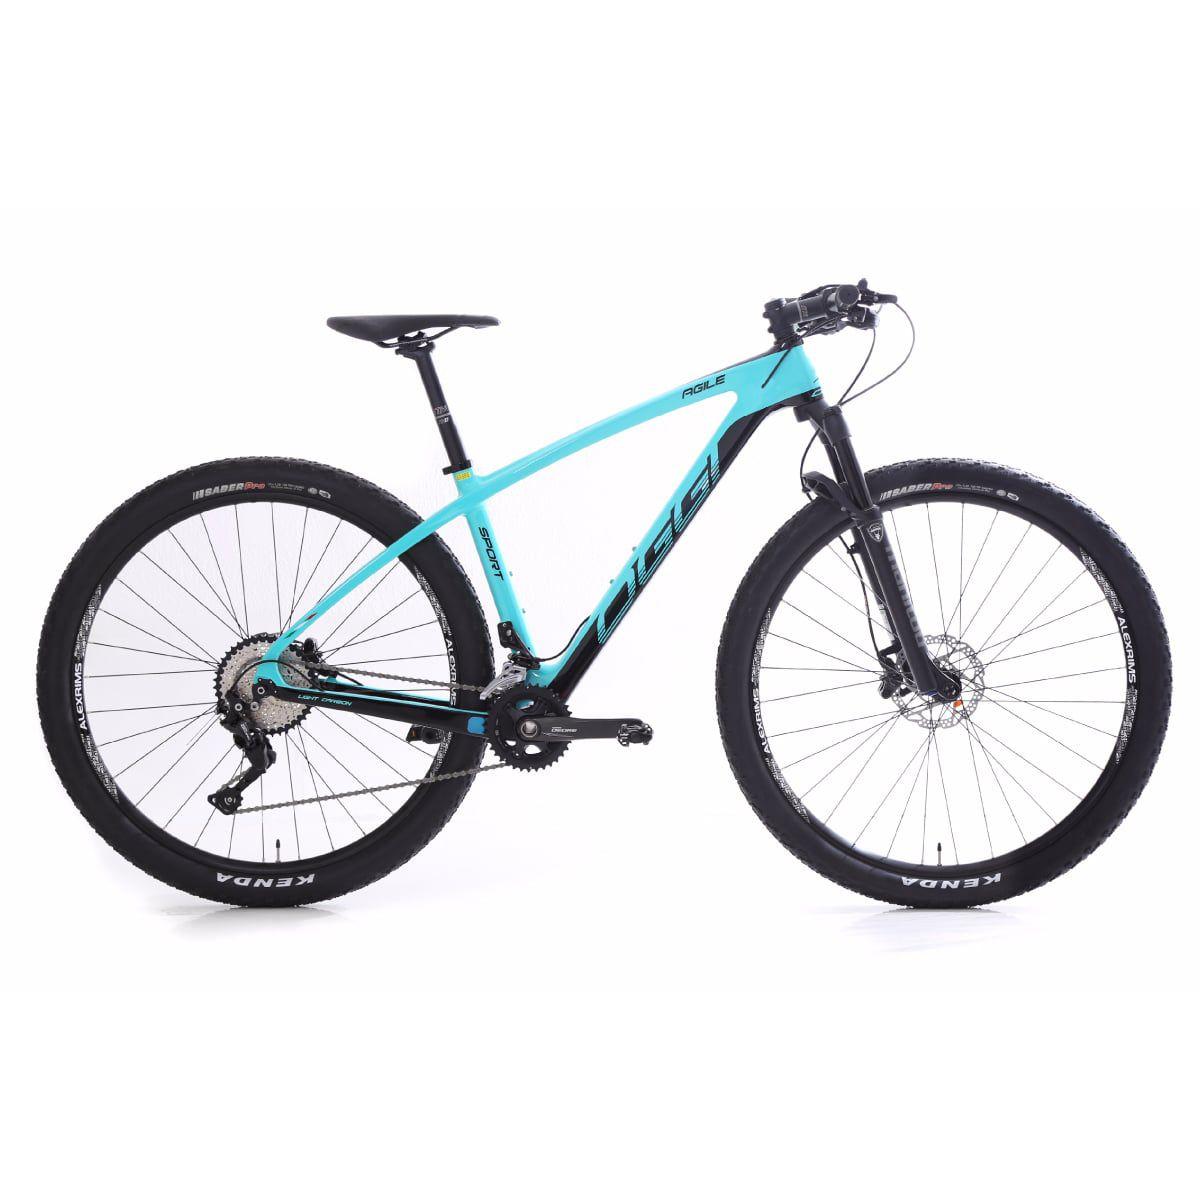 Bike Oggi Agile Sport Carbono 2019 Shimano Deore